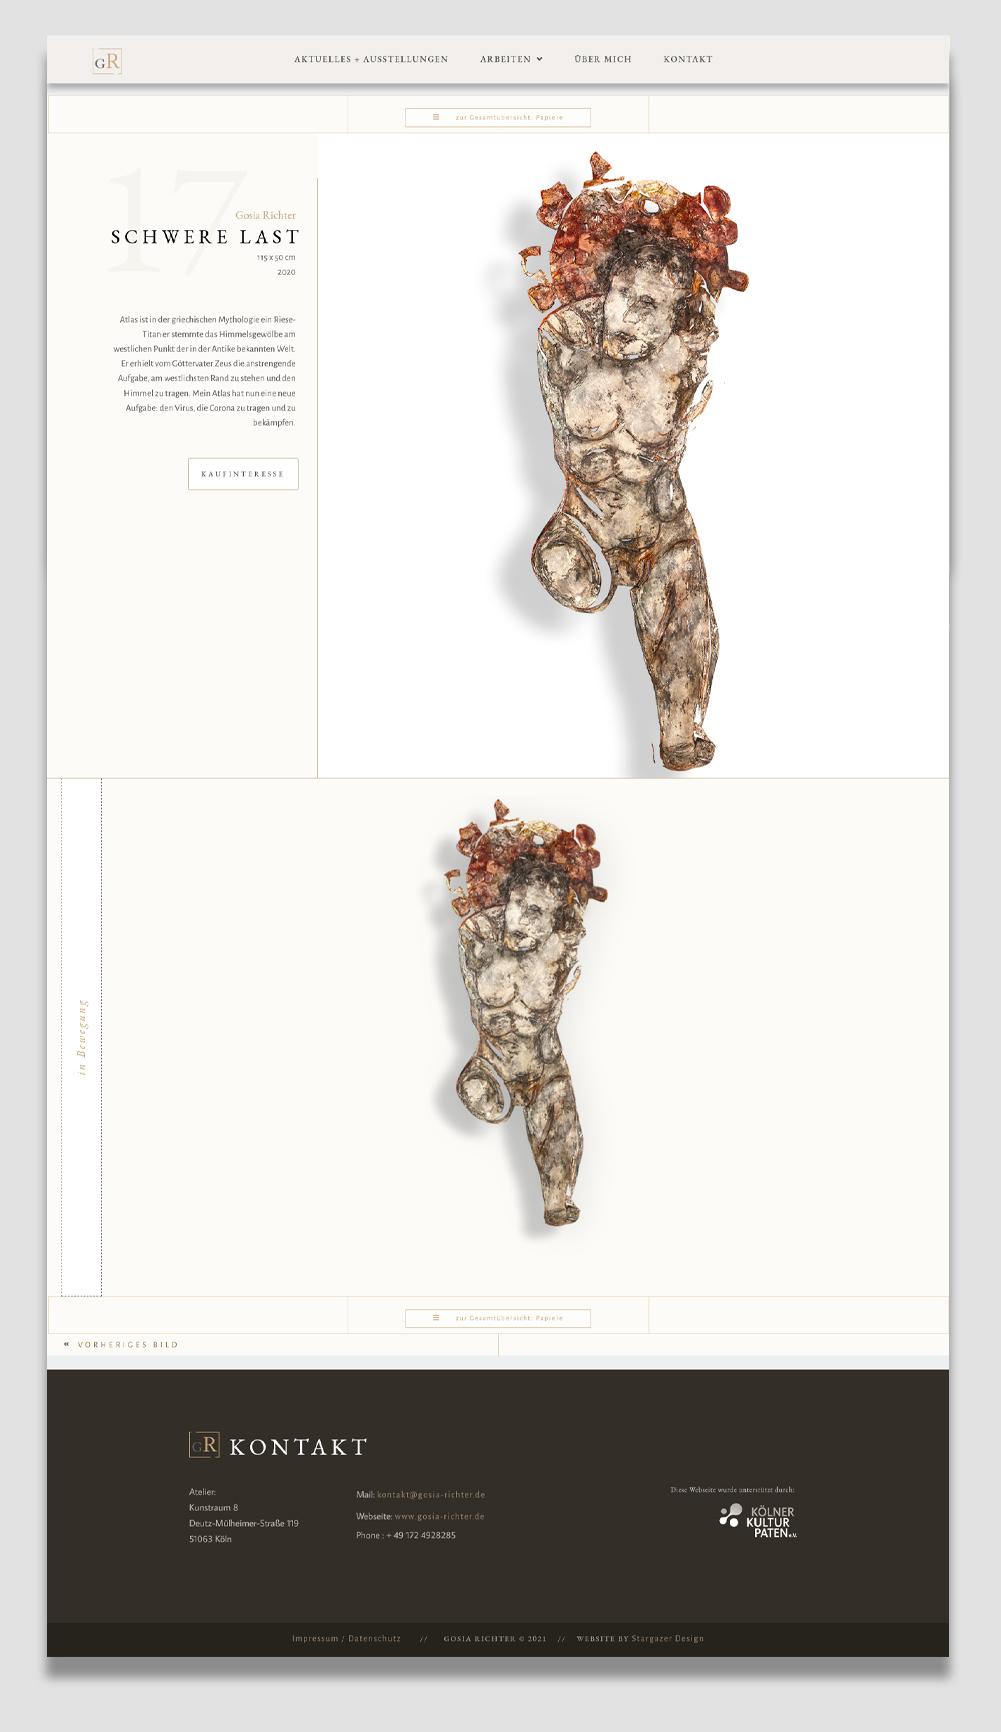 Gosia-Richter- Webseite